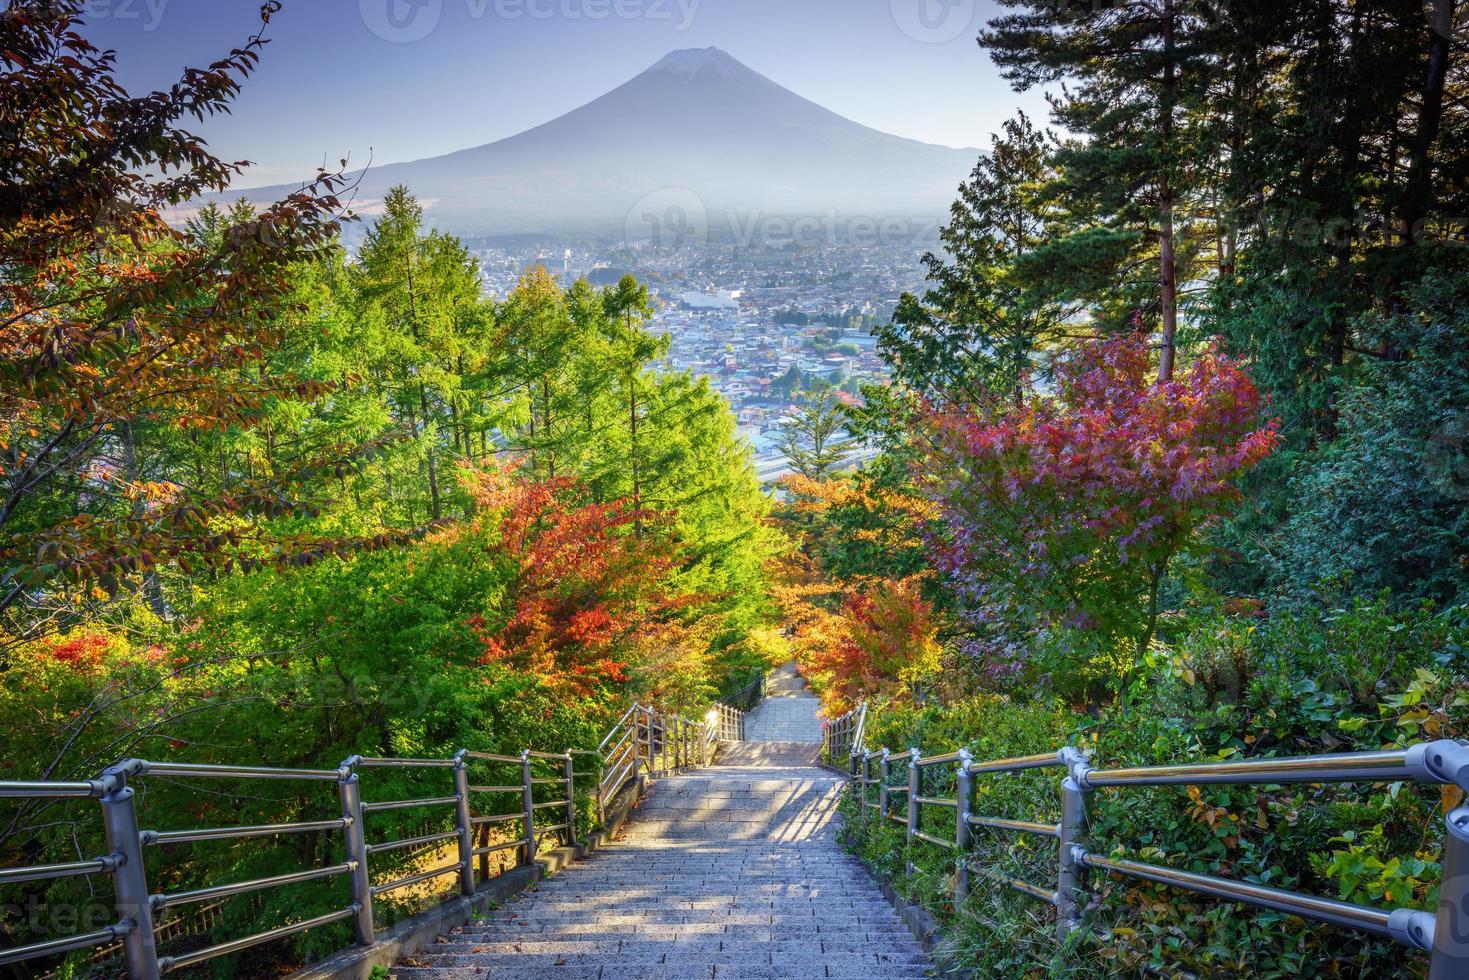 escalera al monte fuji fujiyoshida, japón en un día de otoño foto